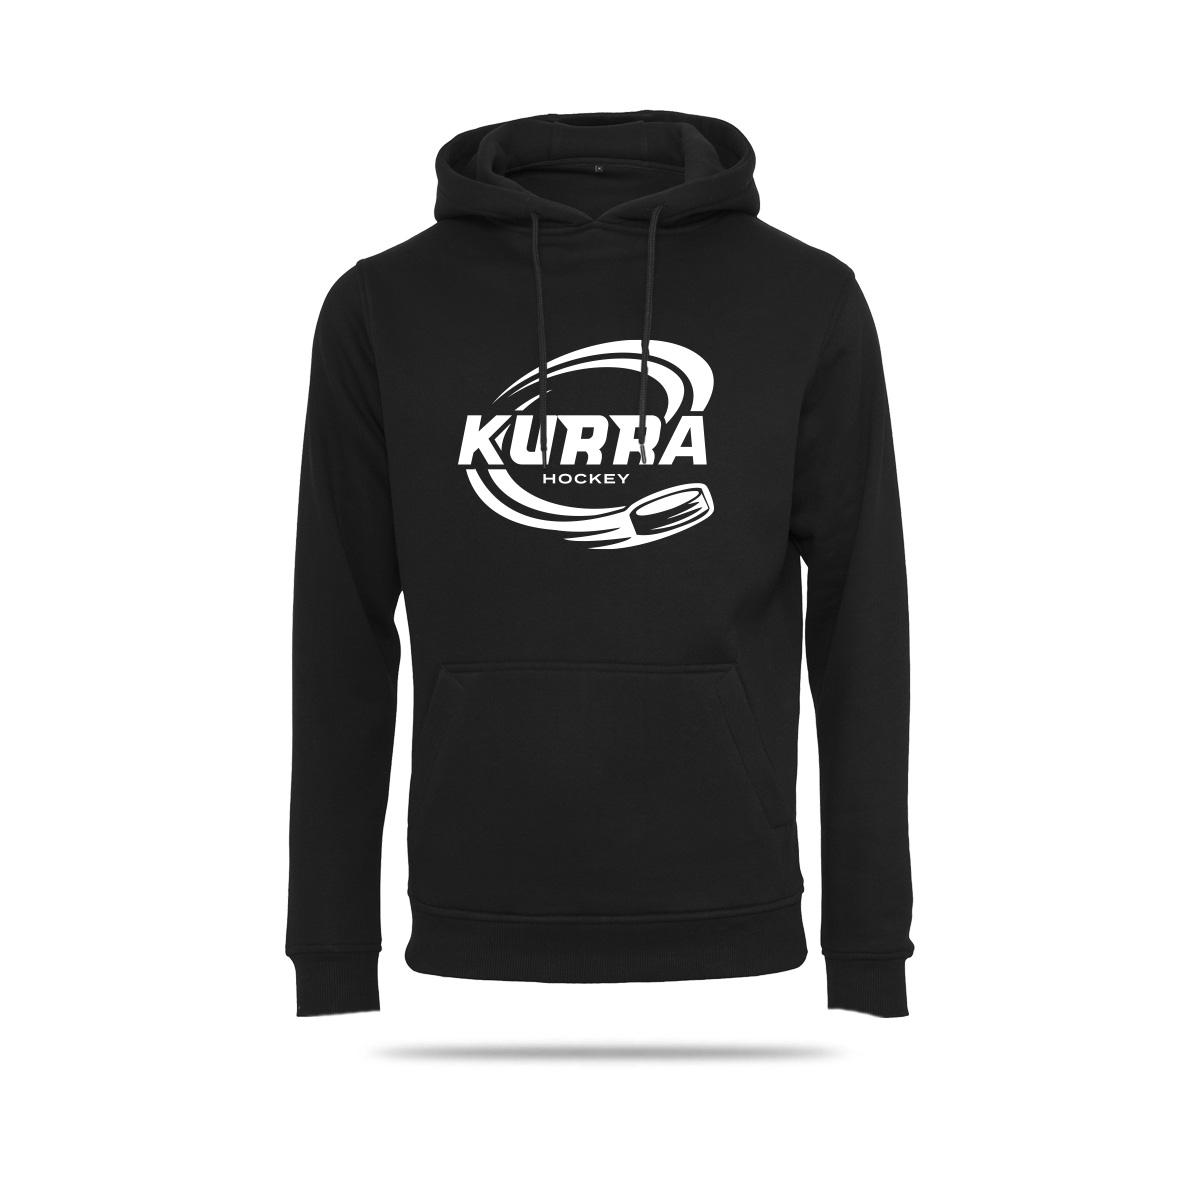 Kurra-Mono-6003-musta